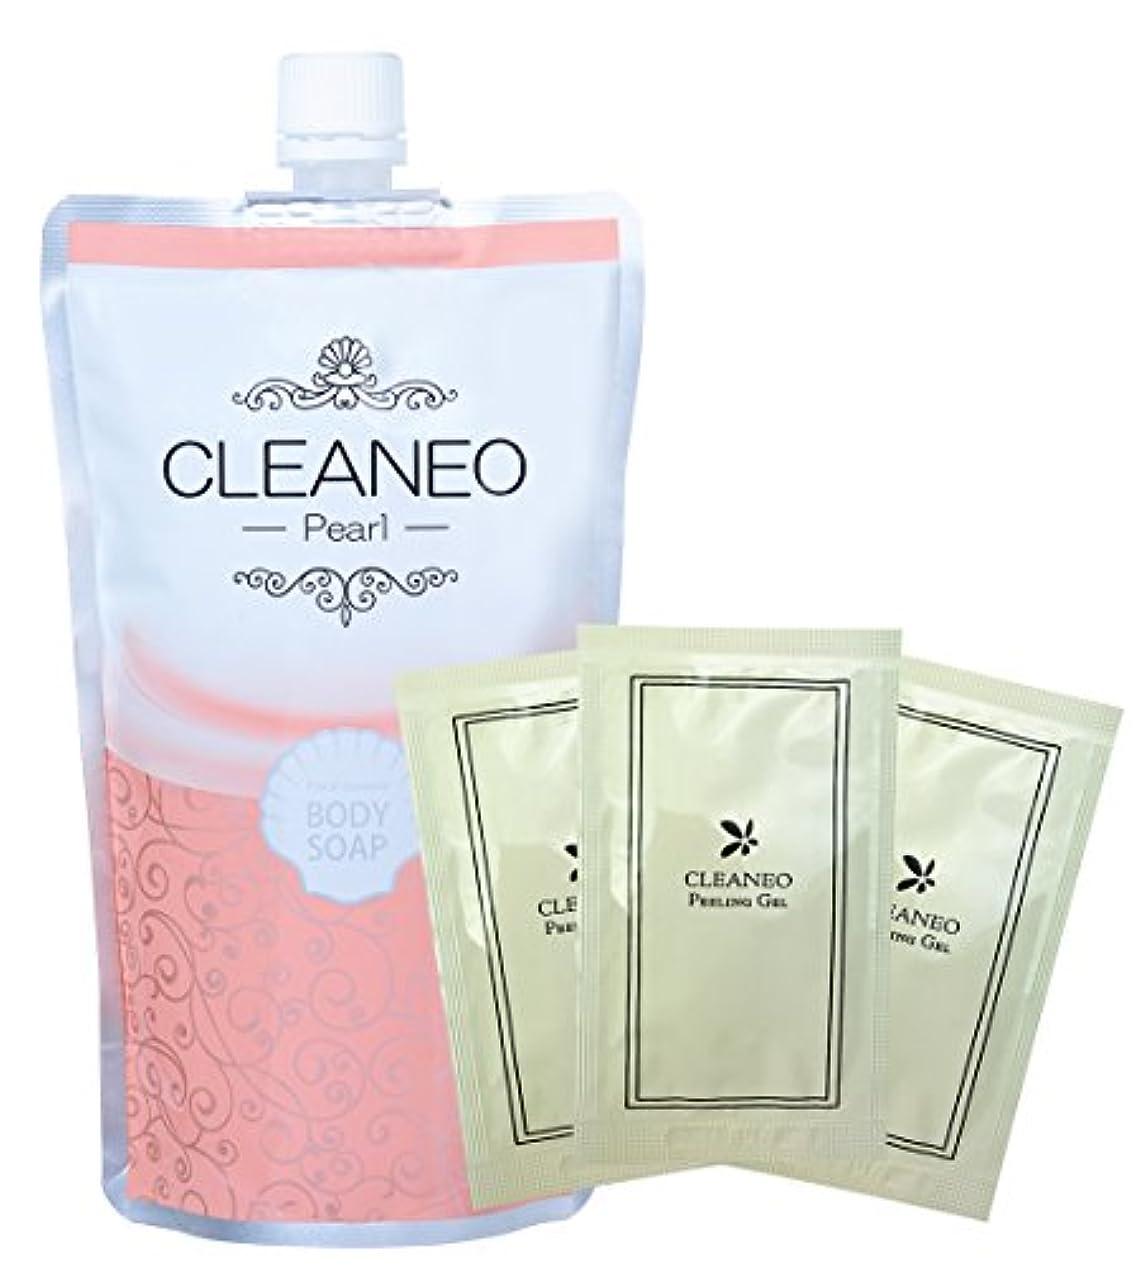 ランドマークペニーレスリングクリアネオ公式(CLEANEO) パール オーガニックボディソープ?透明感のある美肌へ(詰替300ml+ピーリングジェル1か月分セット)